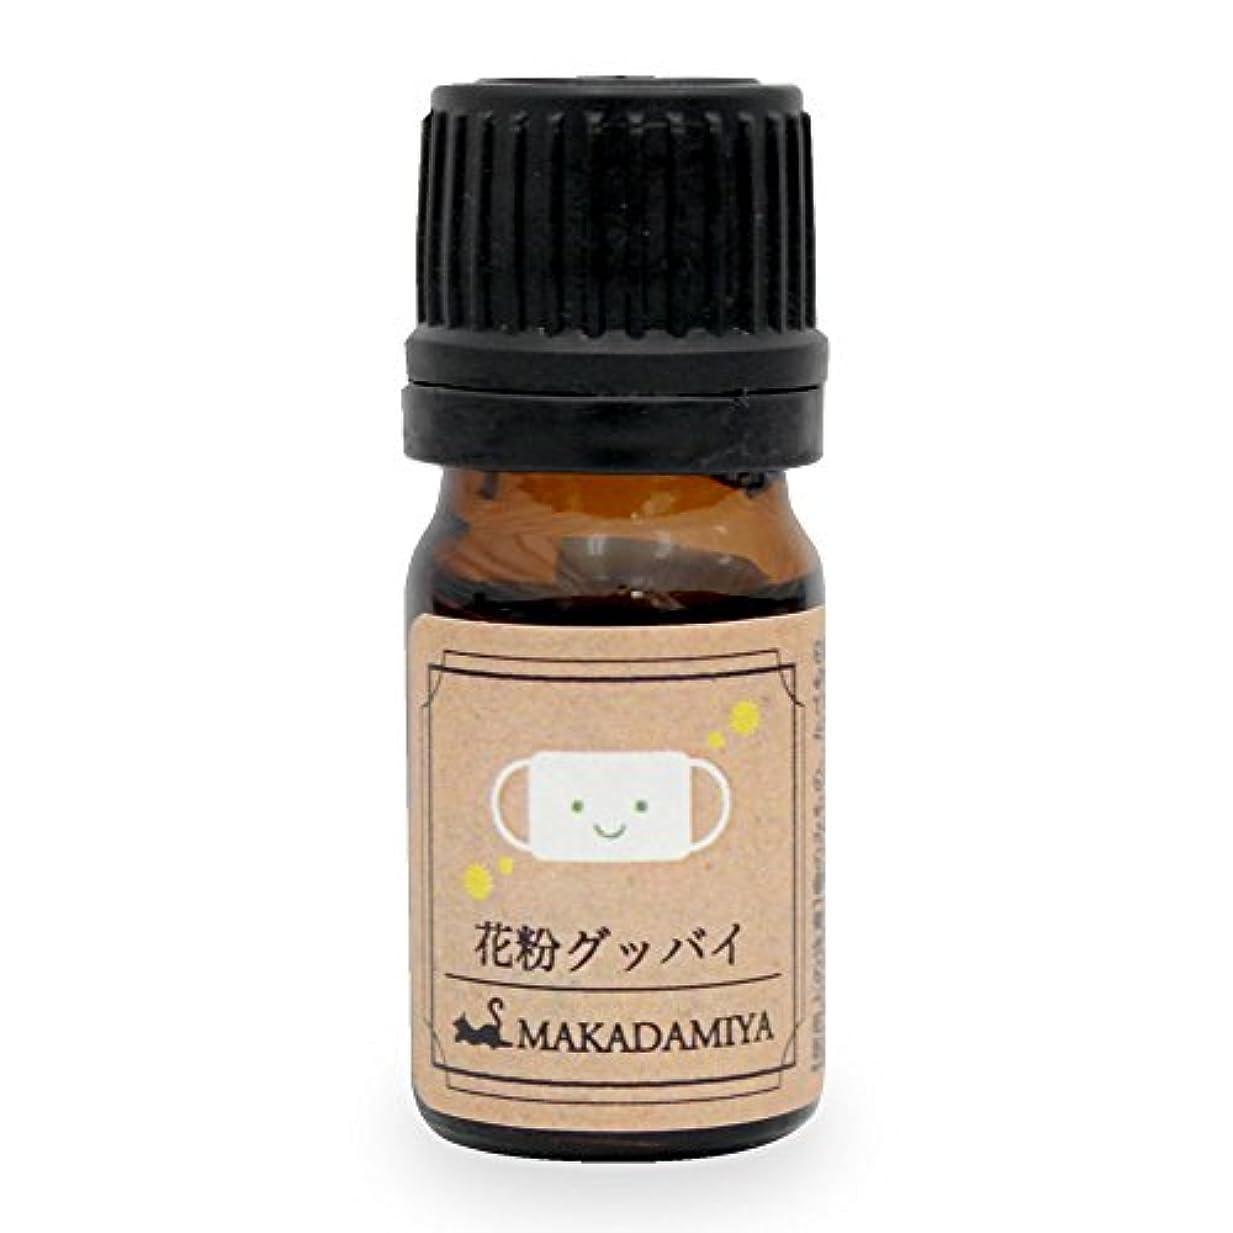 花粉グッバイ5ml (天然100%植物性/アロマオイル:ティートゥリー?ペパーミント?ユーカリ?ラベンダー?マートル配合)